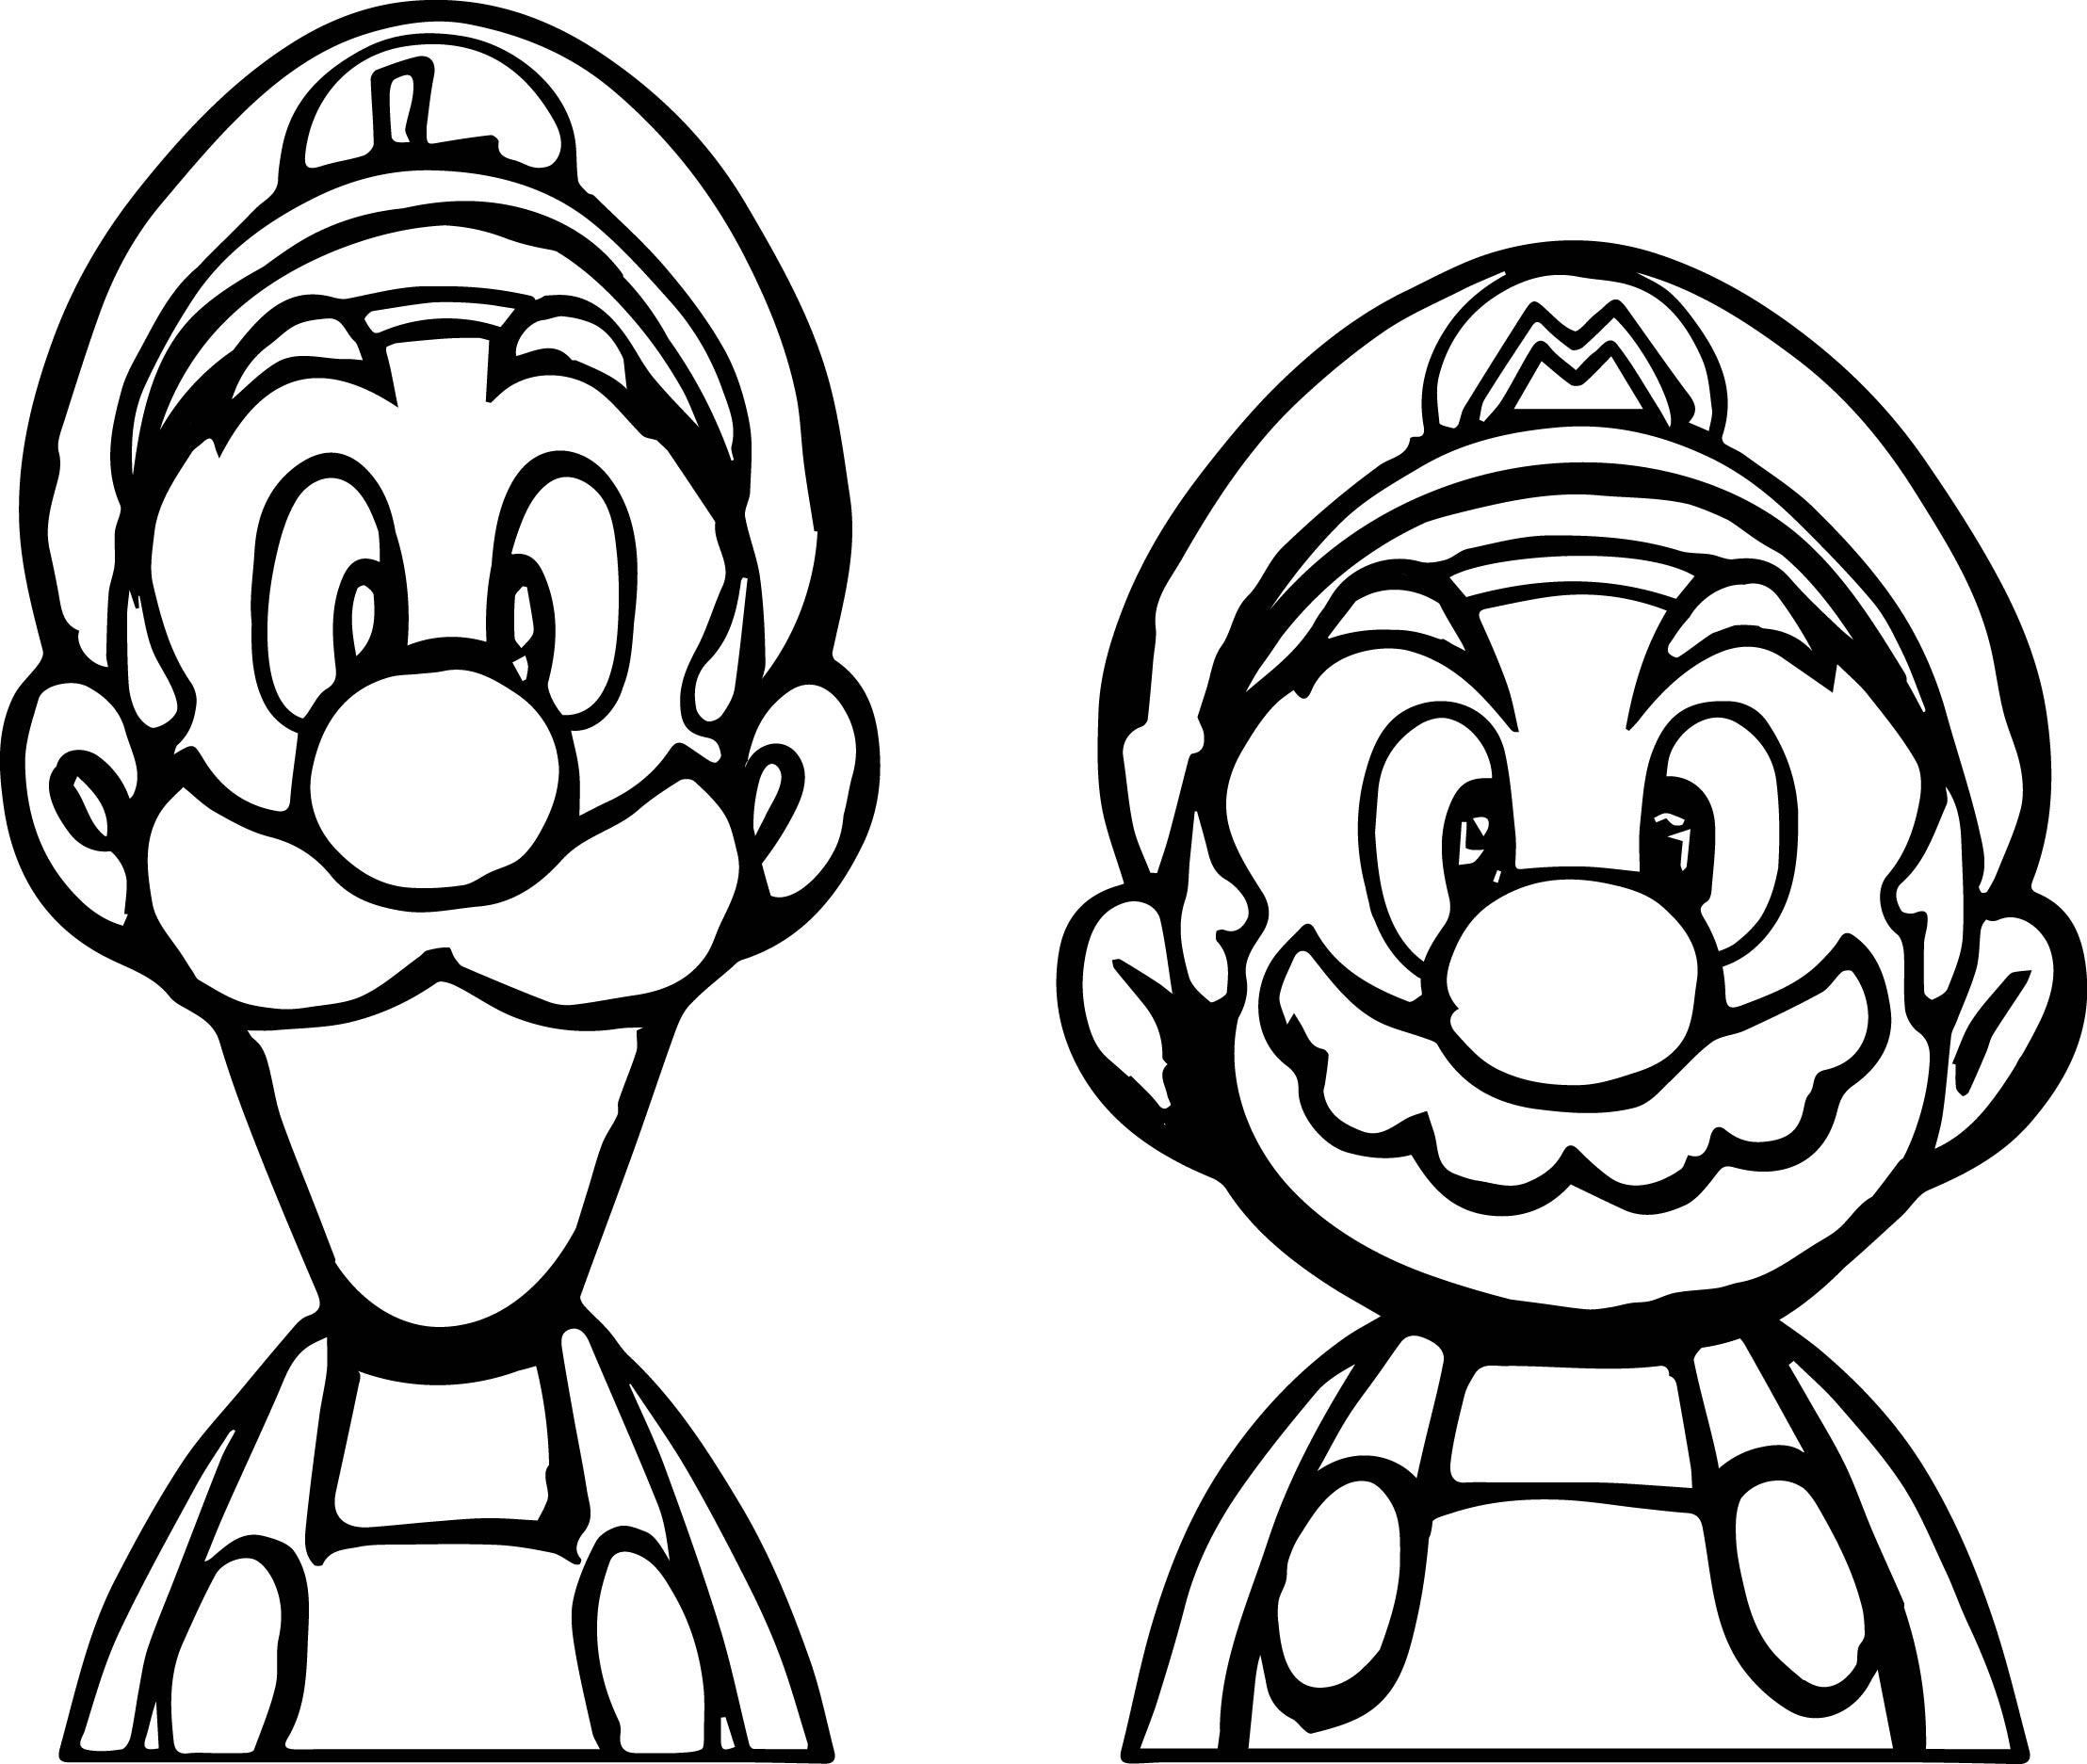 Super Mario And Luigi Coloring Page Wecoloringpage